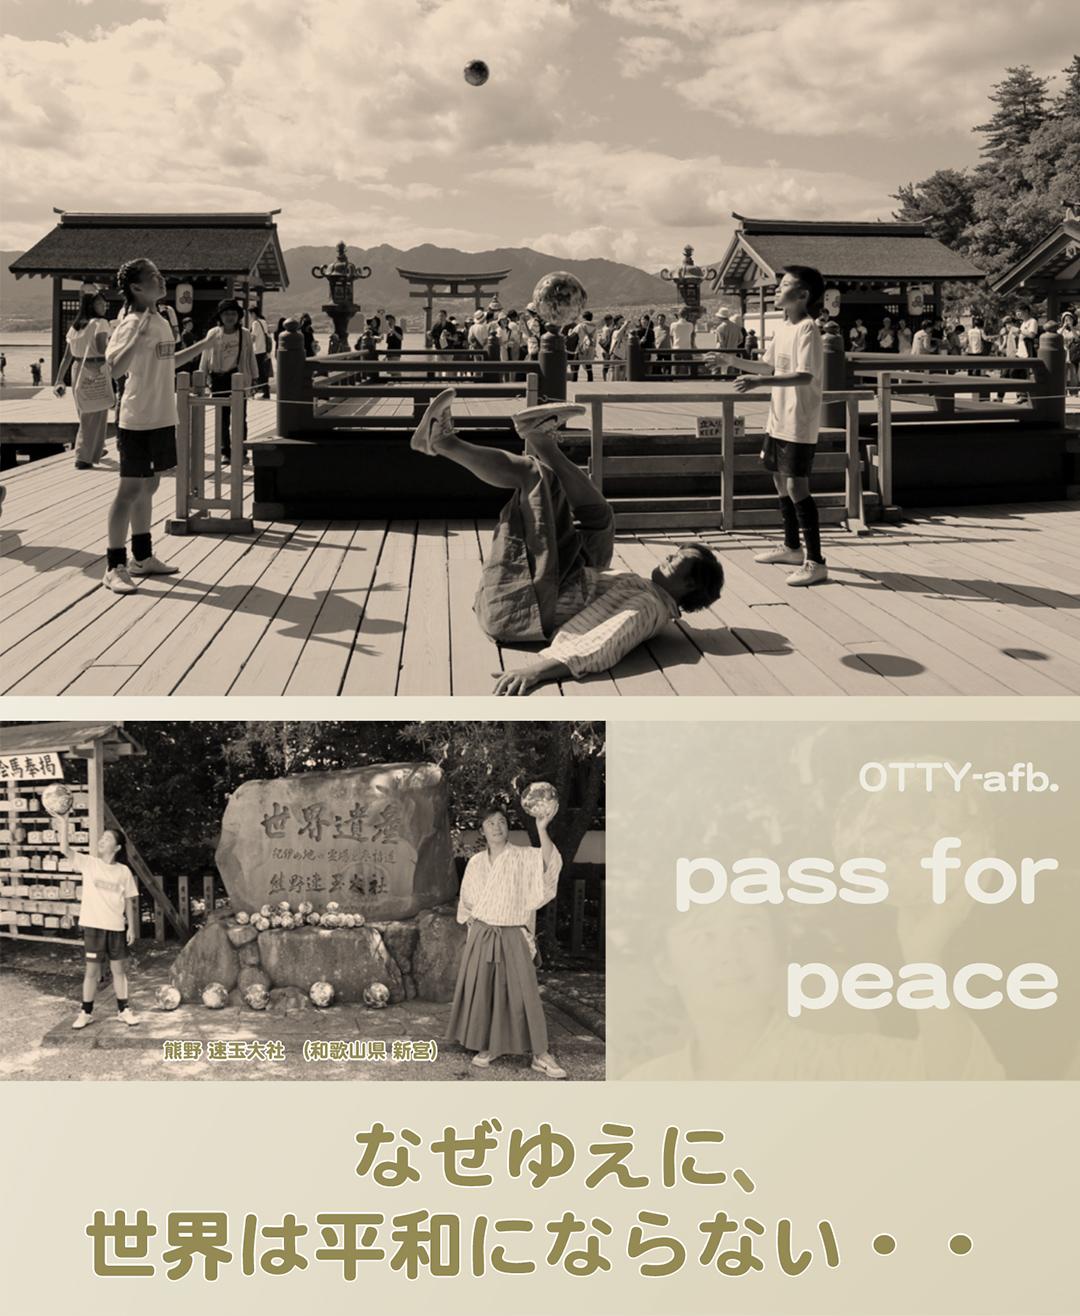 pass for peace|熊野 速玉大社 (和歌山県 新宮)|なぜゆえに、世界は平和にならない・・